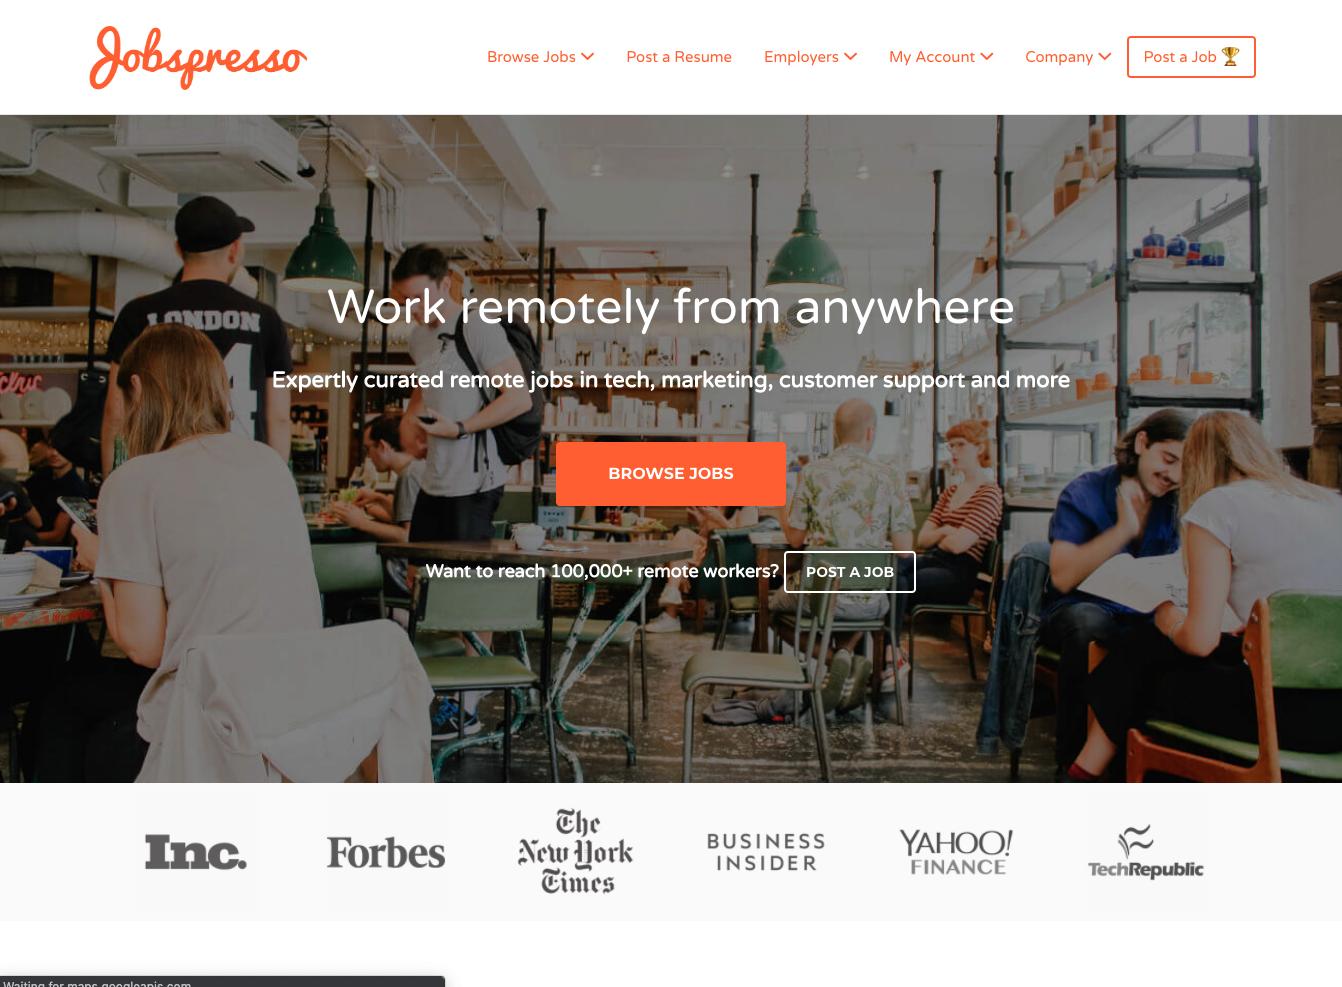 Jobspresso